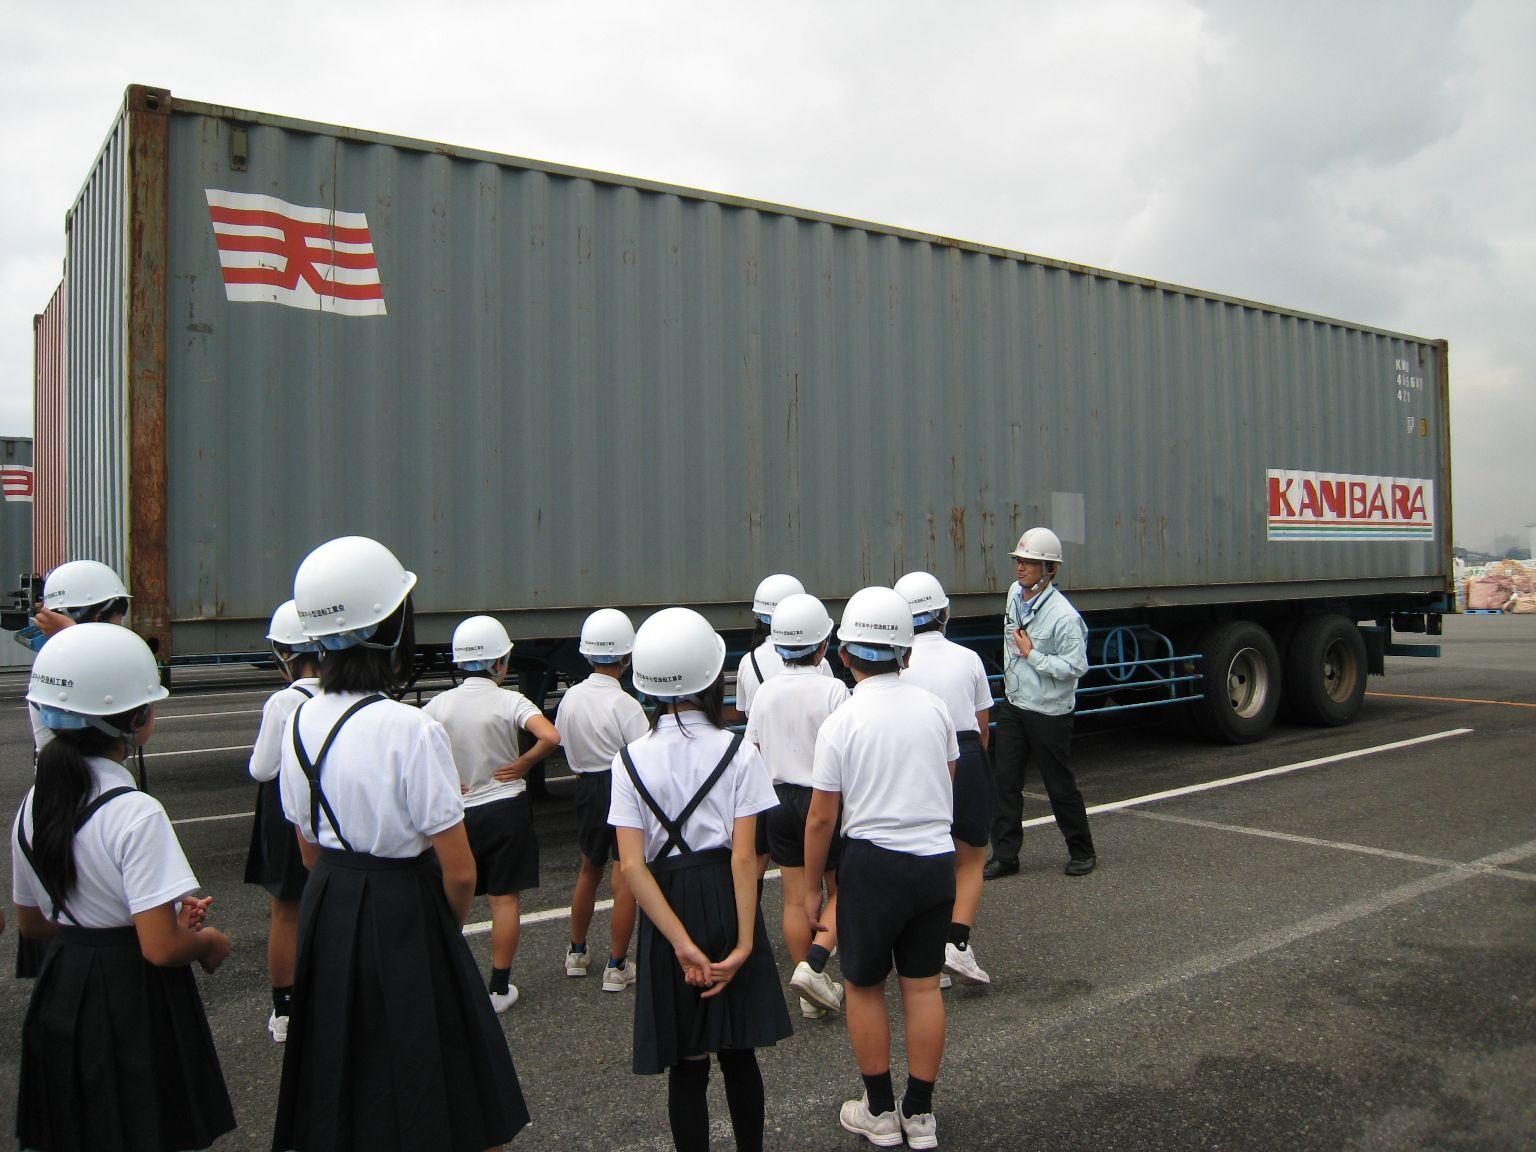 神原汽船福山物流センターで小学5年生の社会見学を受け入れ、神原ロジスティクス